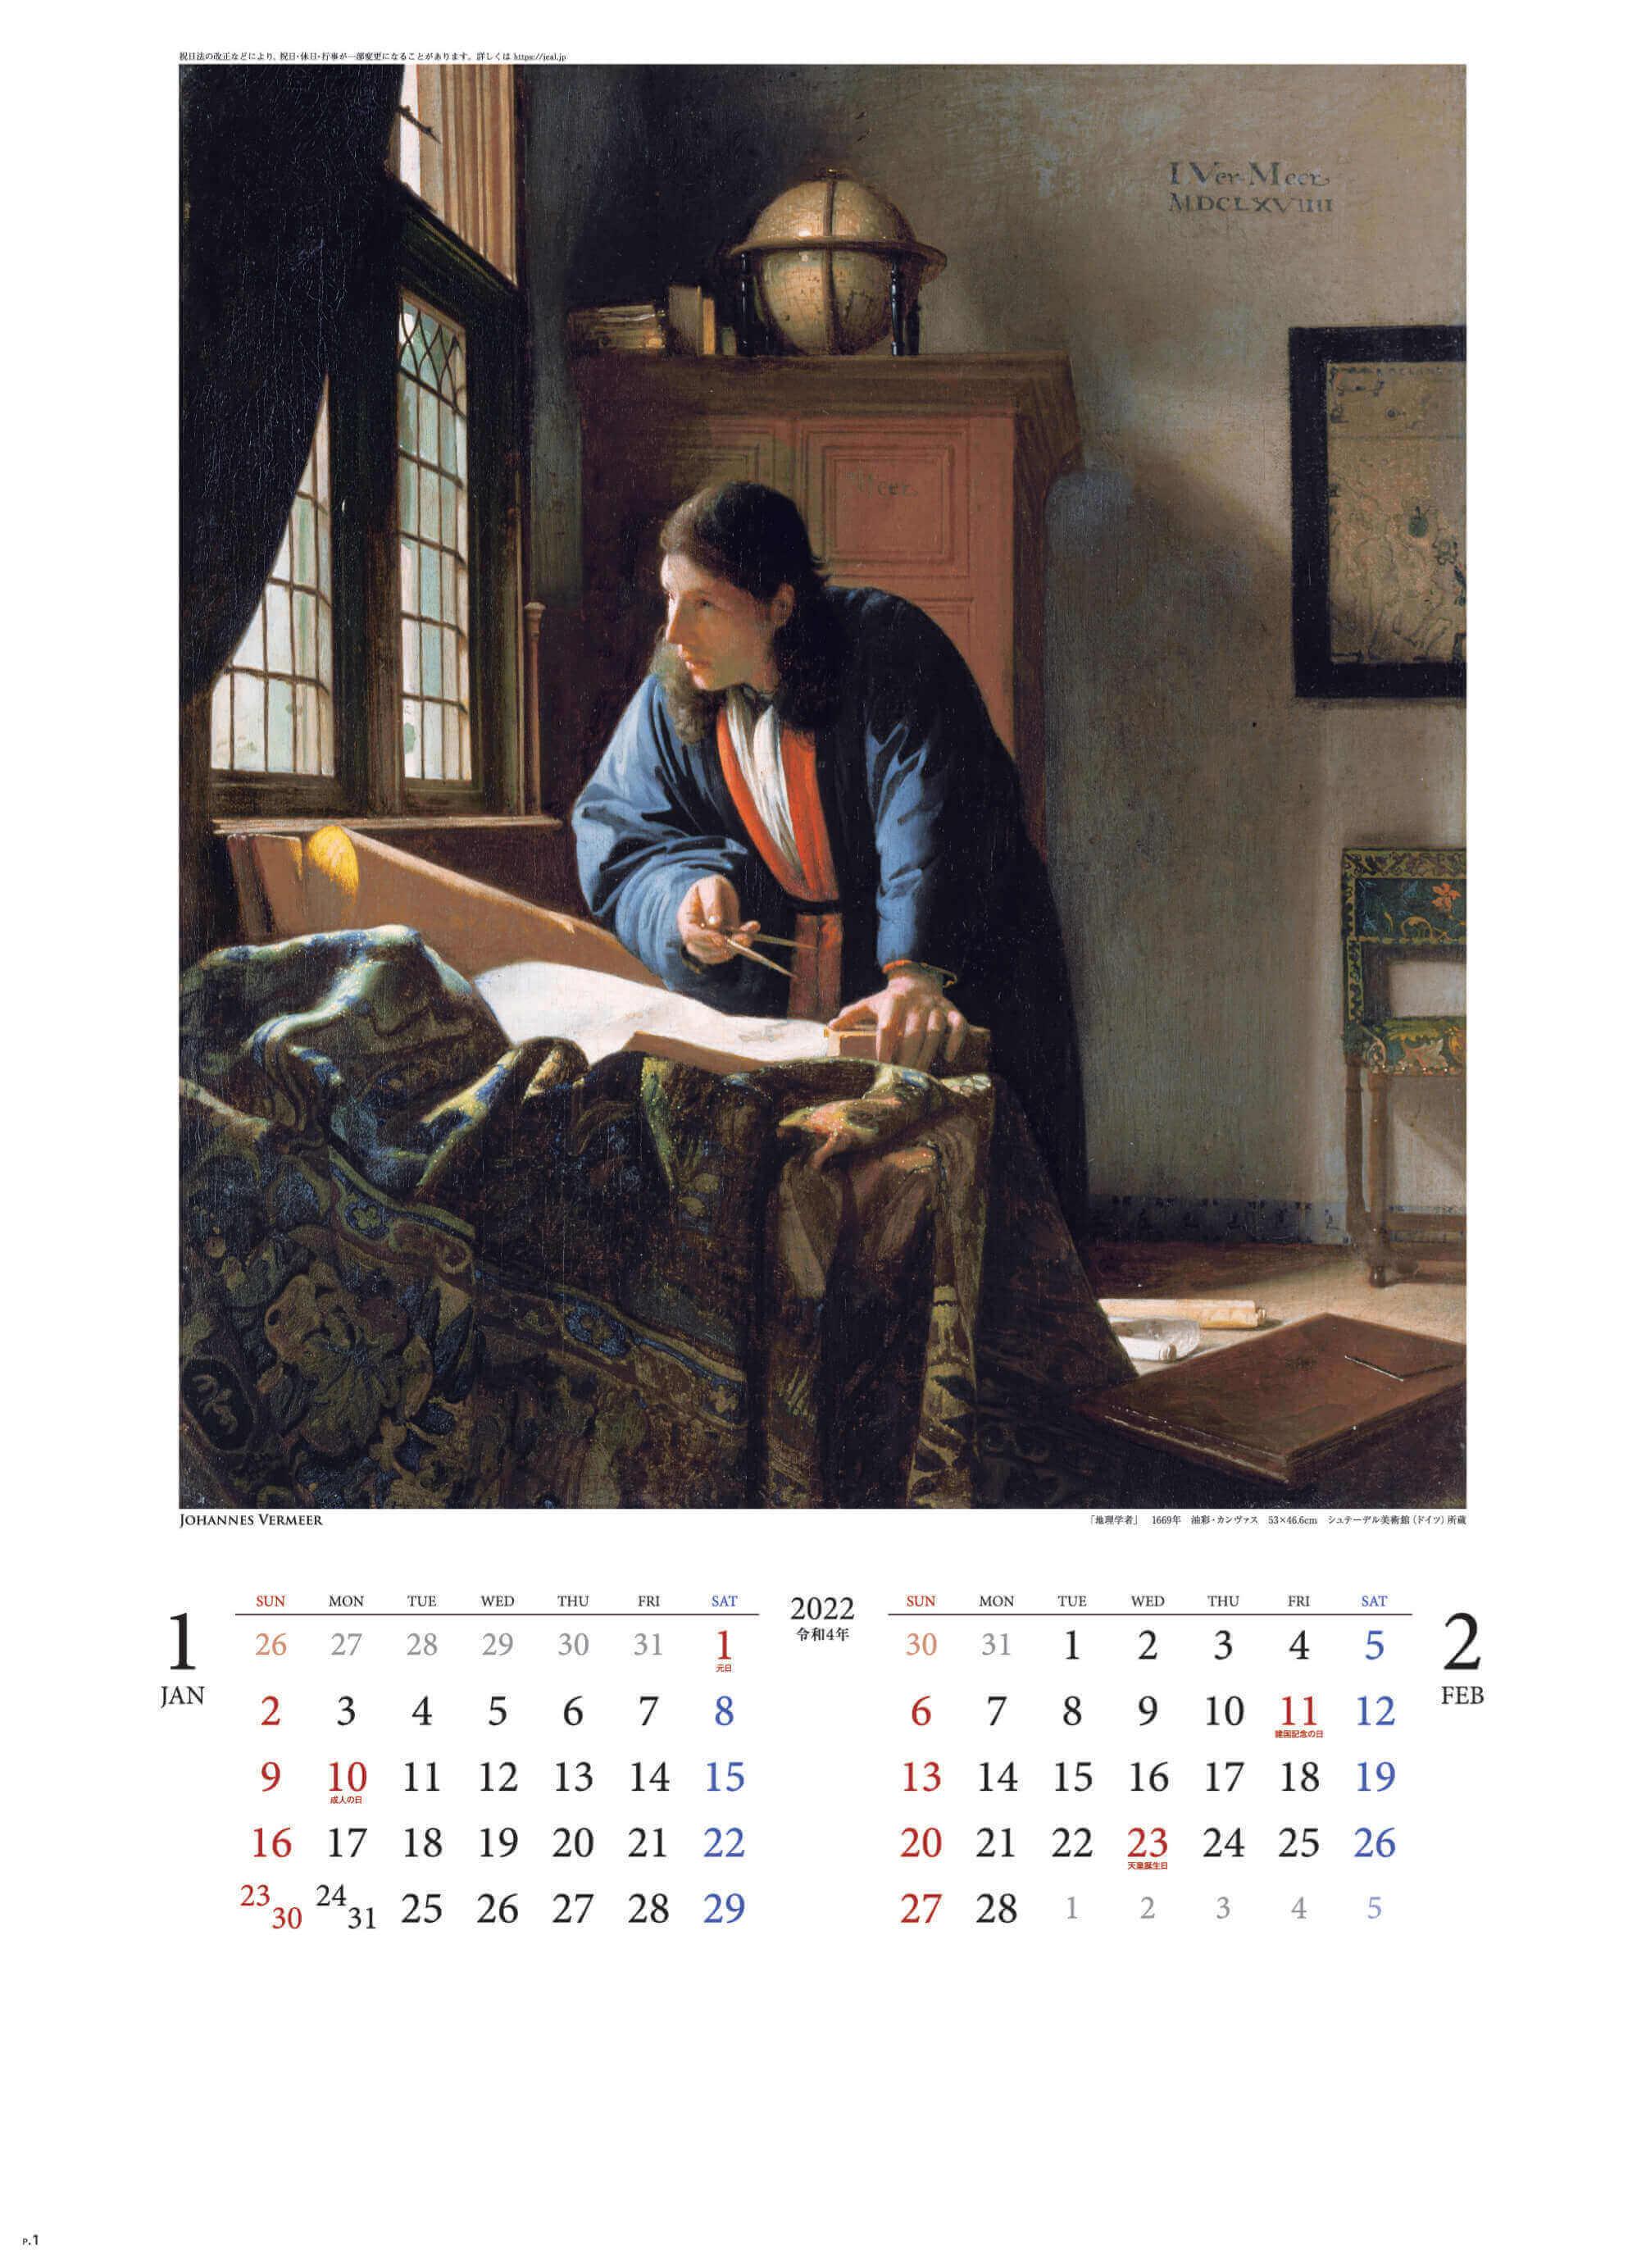 1-2月 地理学者 フェルメール 2022年カレンダーの画像